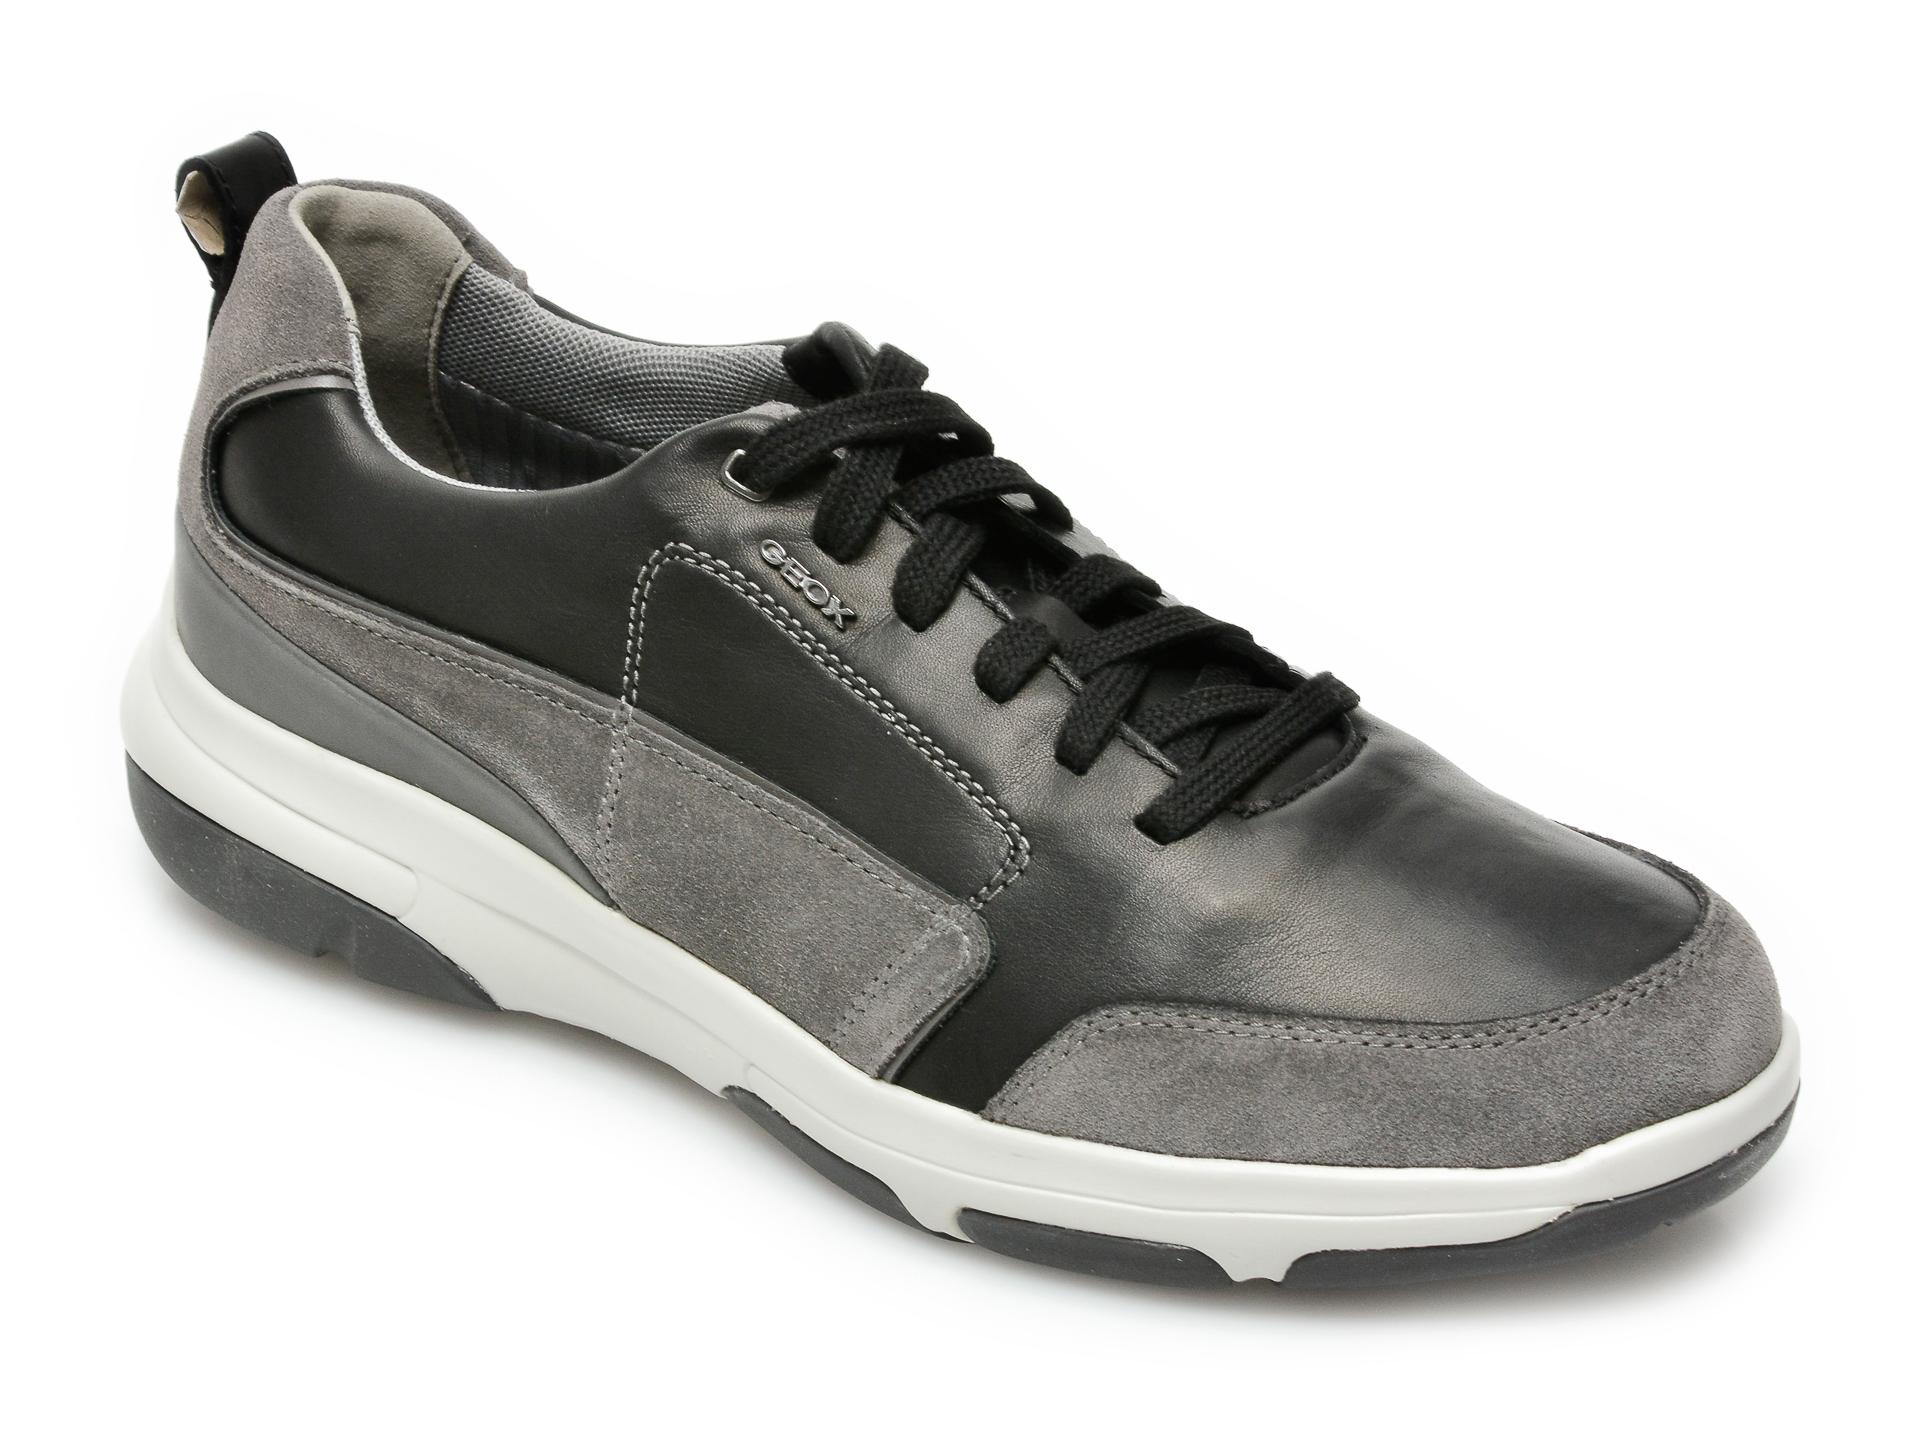 Pantofi sport GEOX negri, U15C0A, din piele naturala